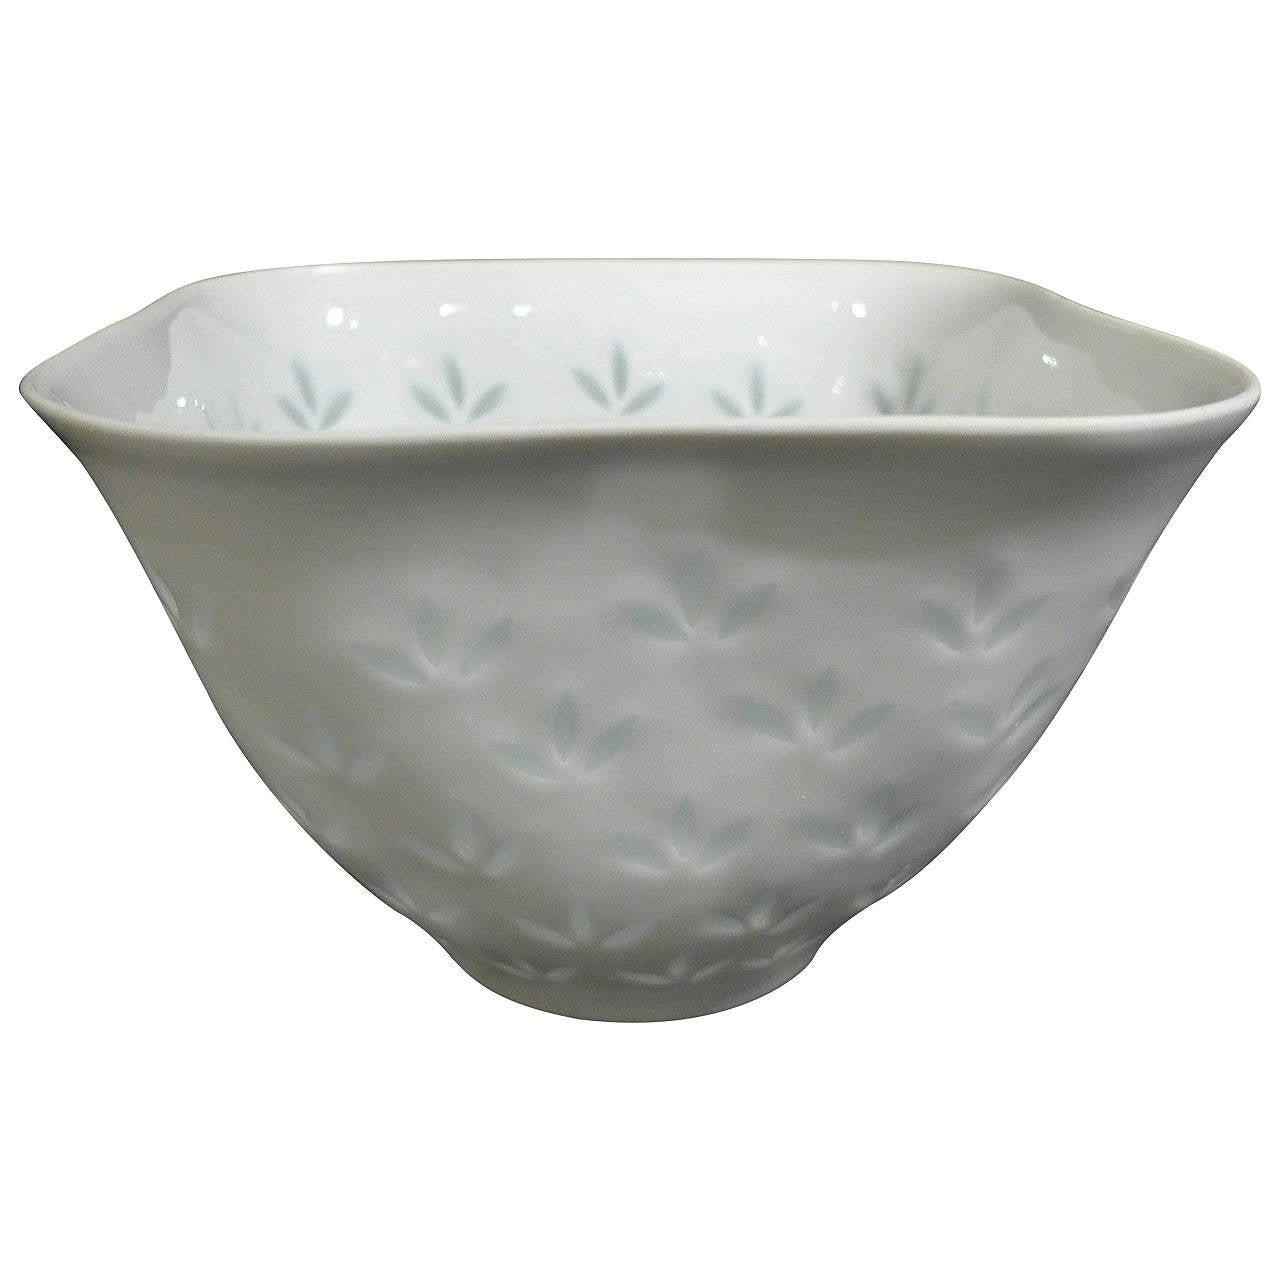 Rice Porcelain Bowl by Friedl Kjellberg for Arabia